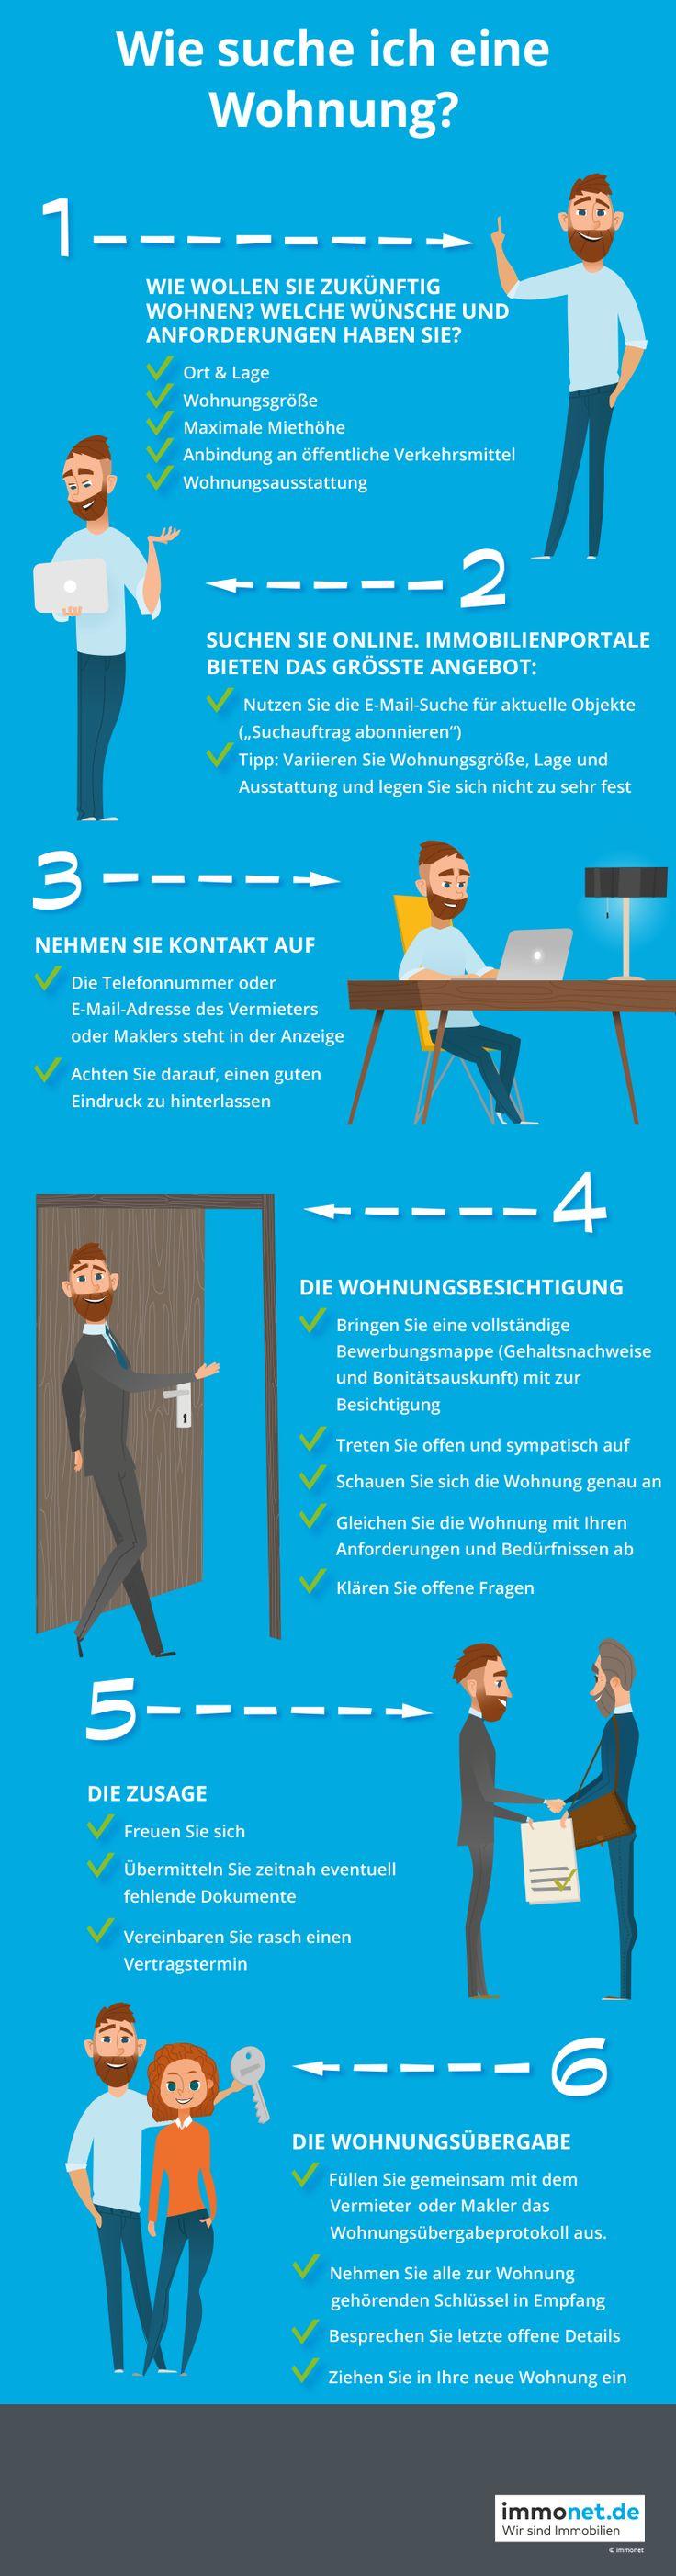 Einfach eine Wohnung finden mit #Immonet: Wer eine neue Wohnung sucht, hat verschiedene Möglichkeiten. Wie man am besten bei der Wohnungssuche vorgeht und worauf man achten sollte, lesen Sie hier: http://www.immonet.de/umzug/wissenswertes-tricks-wohnungssuche-tipps.html